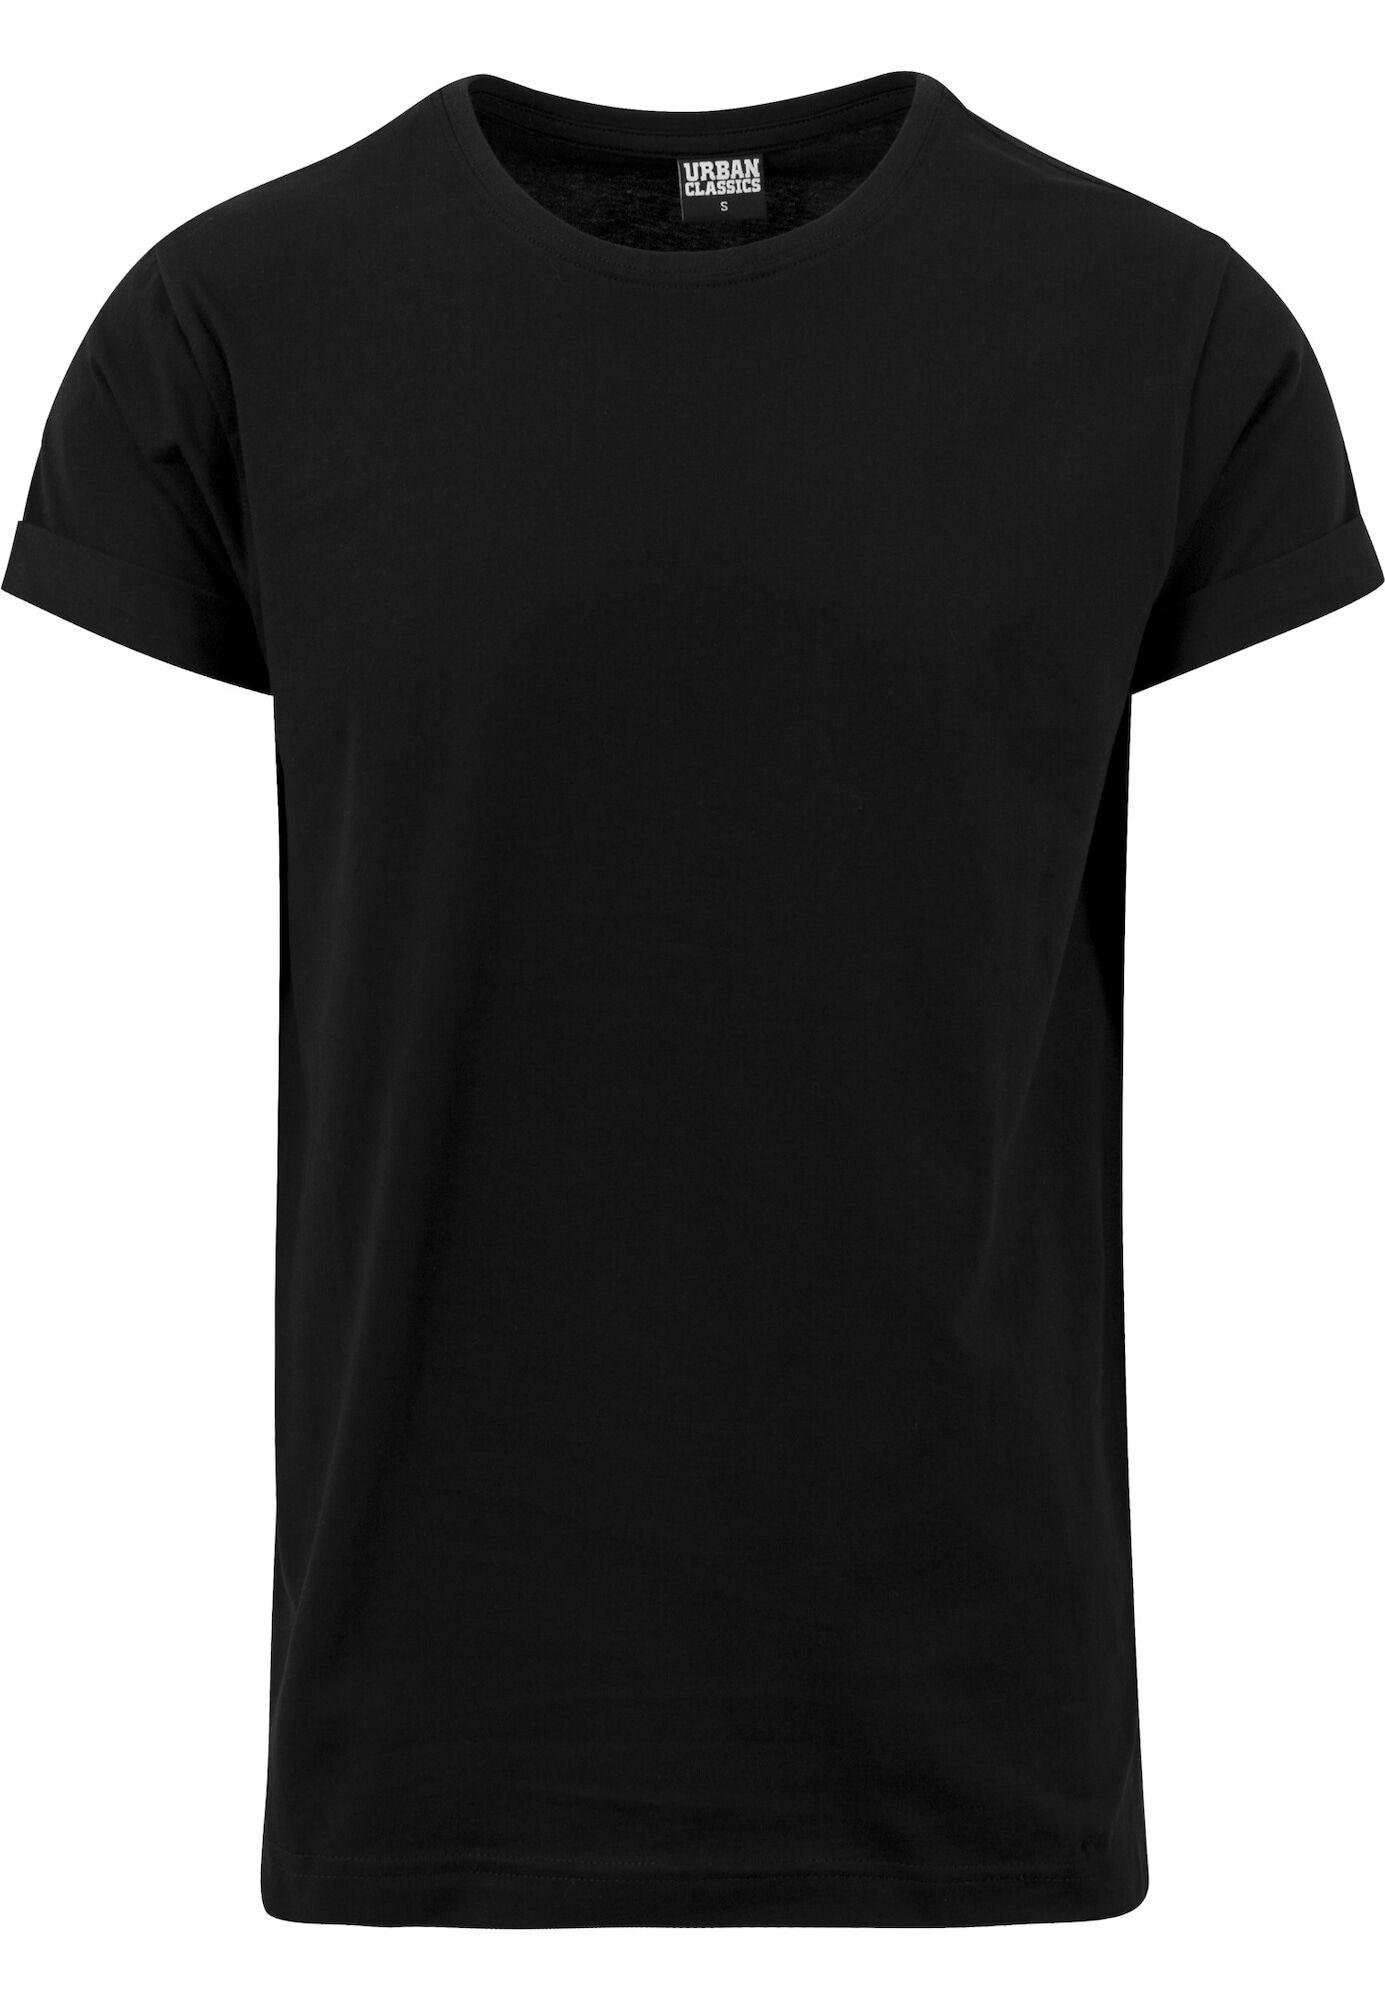 Urban Classics T-Shirt  - Noir - Taille: L - male